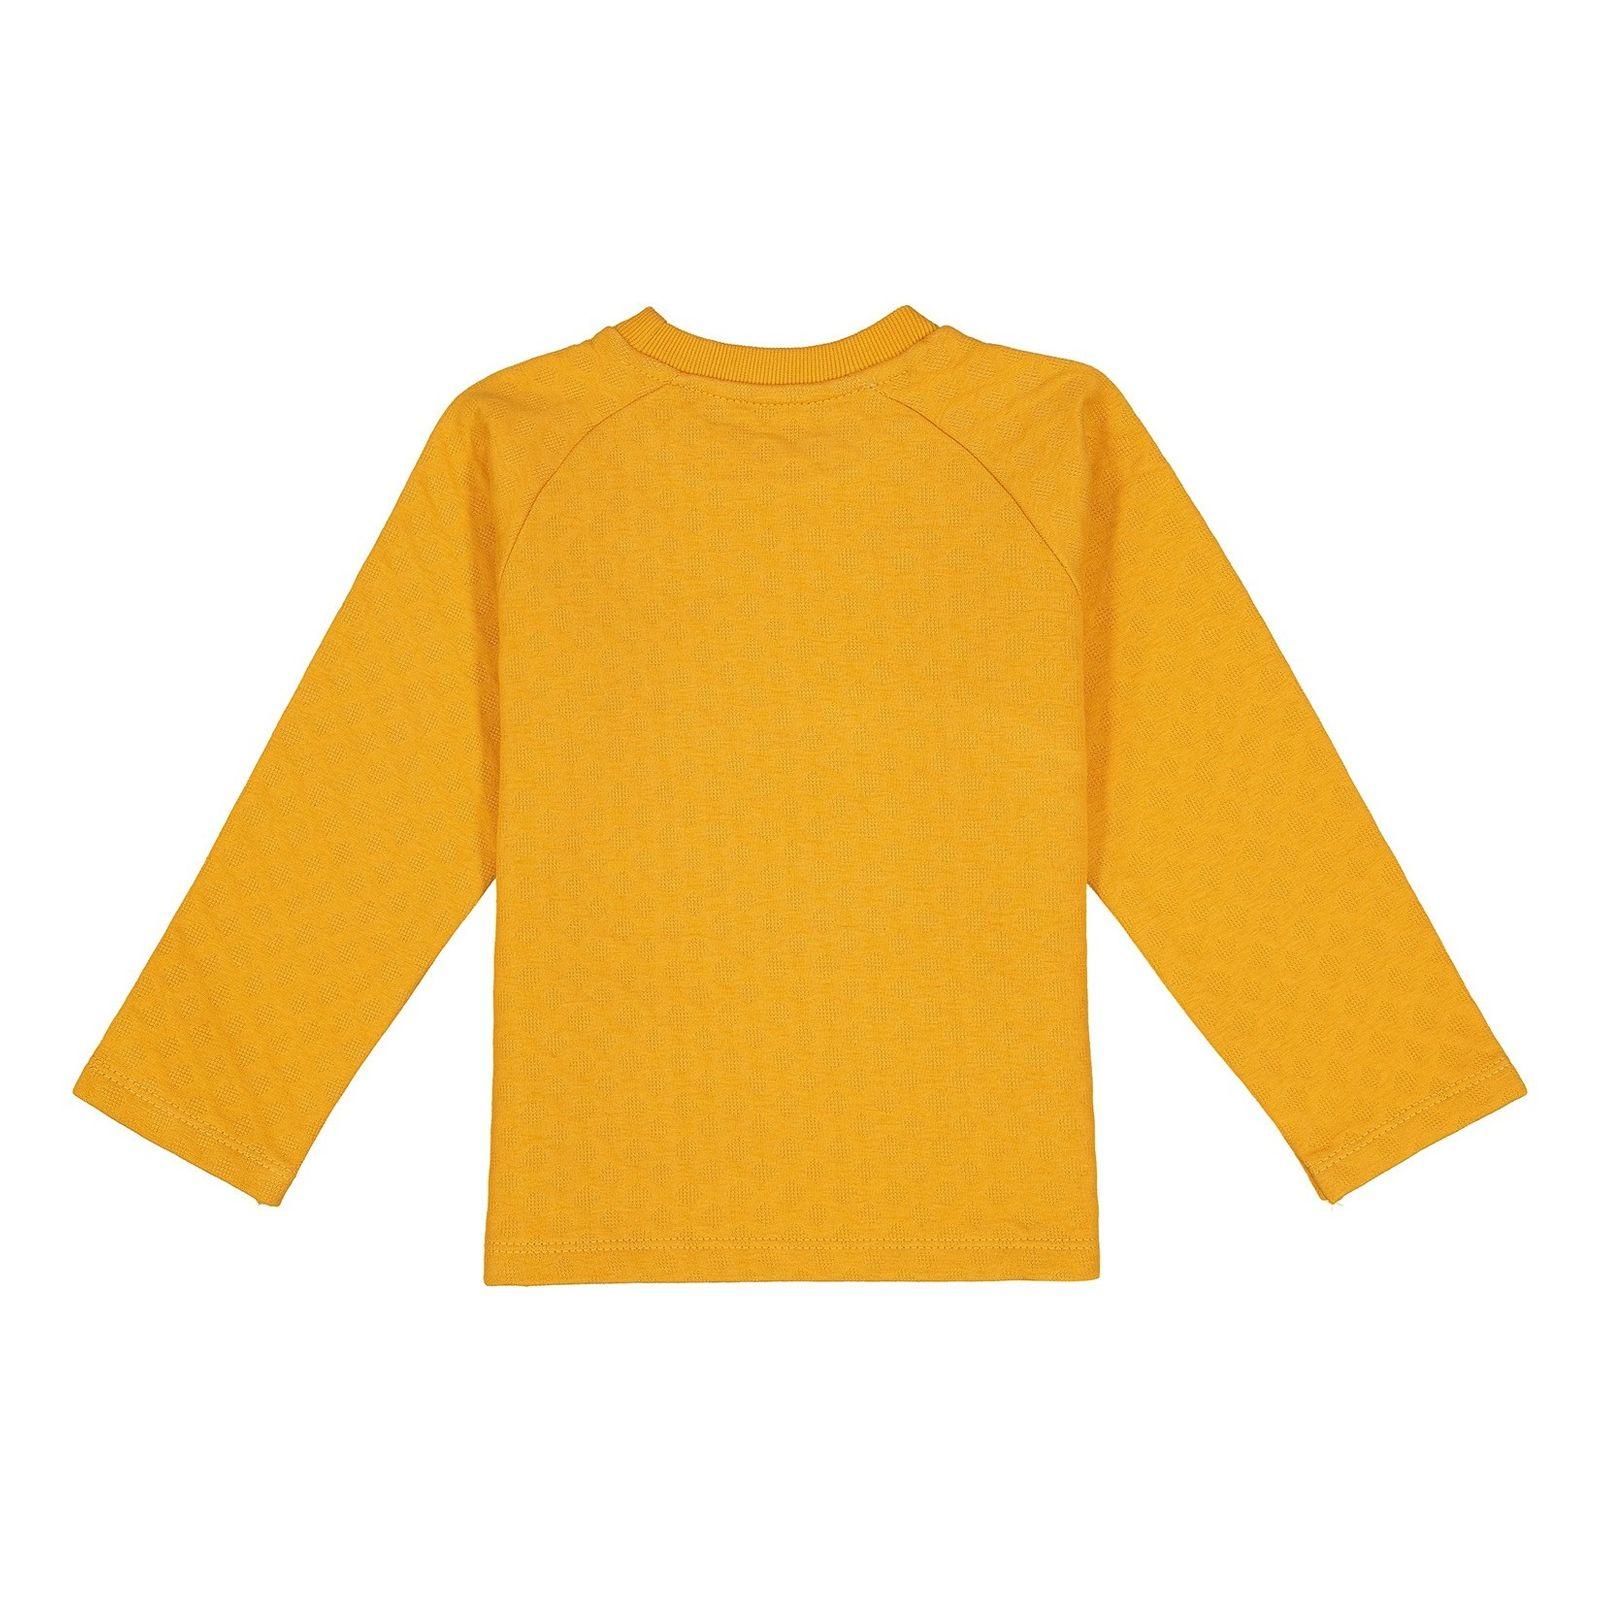 سویشرت جلو بسته پسرانه - سون پون - زرد - 2